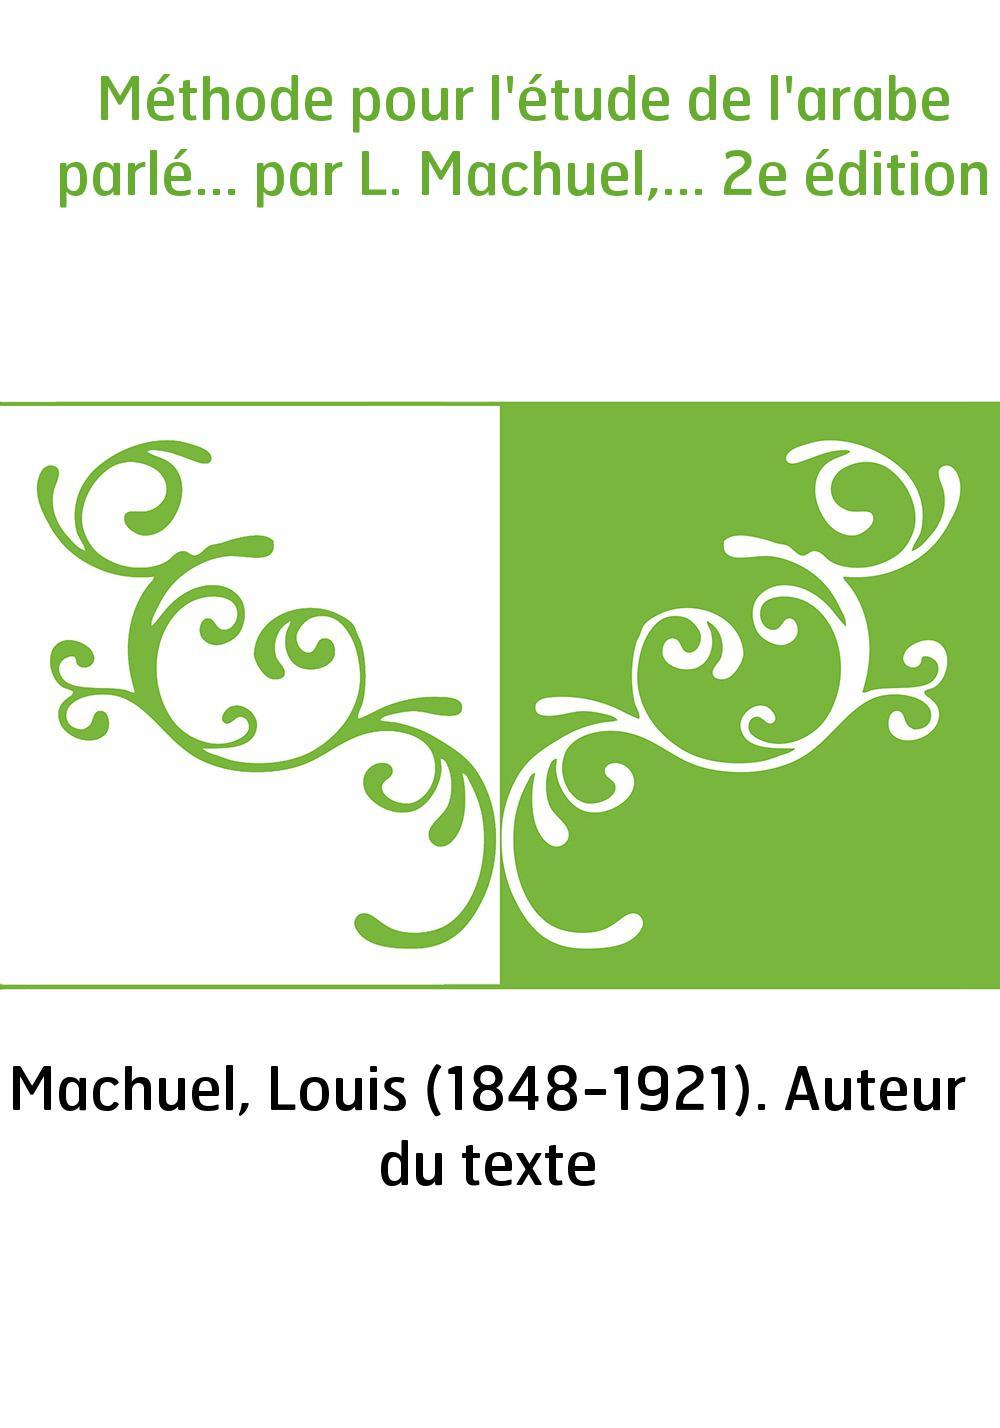 Méthode pour l'étude de l'arabe parlé... par L. Machuel,... 2e édition